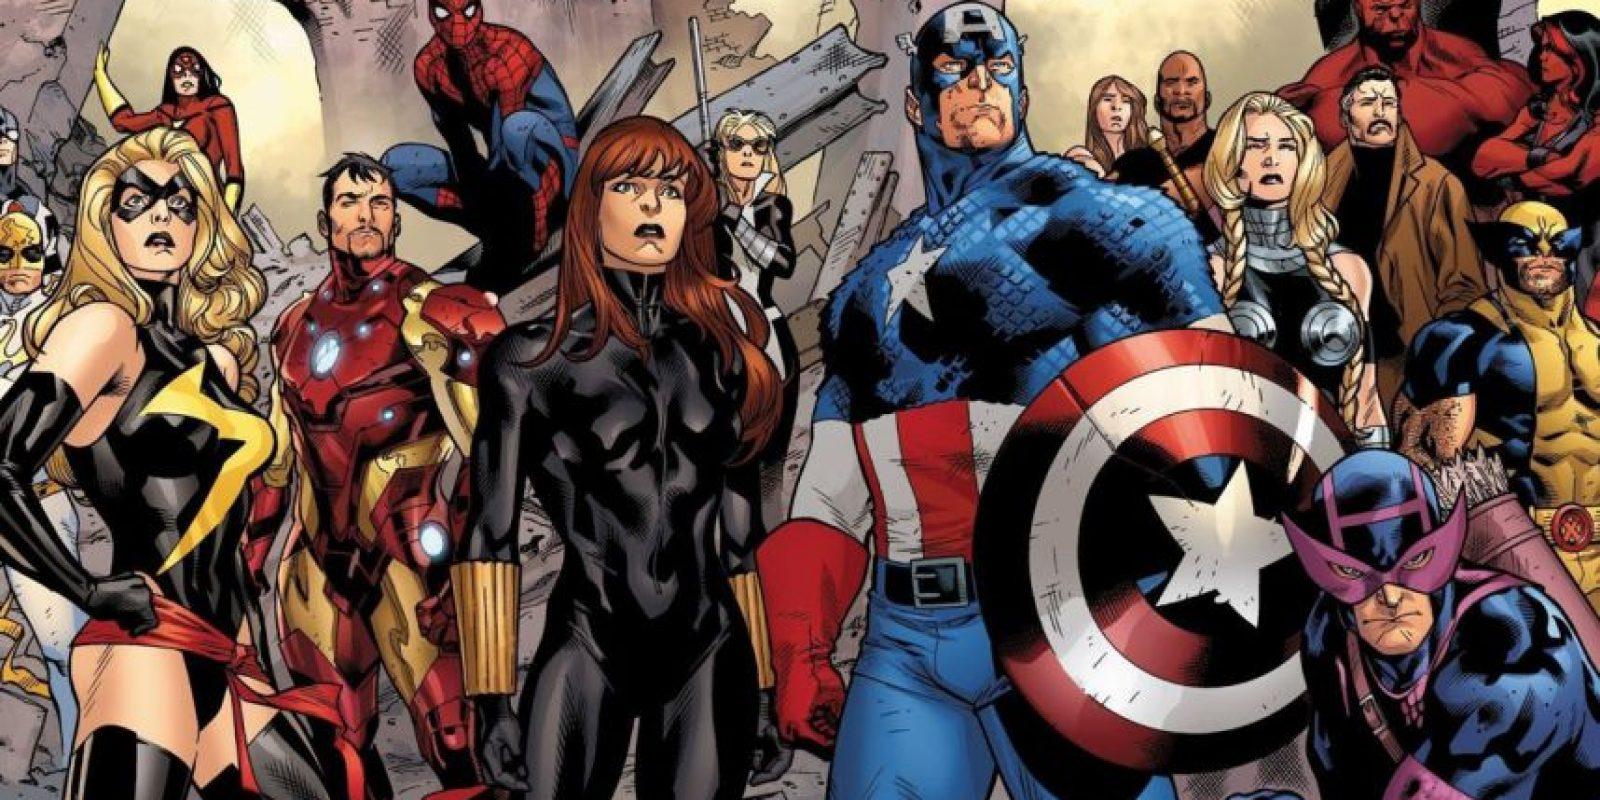 Henry Pym, Avispa, Wolverine, Pantera y Vision, entre muchos otros superhéroes, también han integrado el equipo de Los Vengadores. Foto:vía Marvel